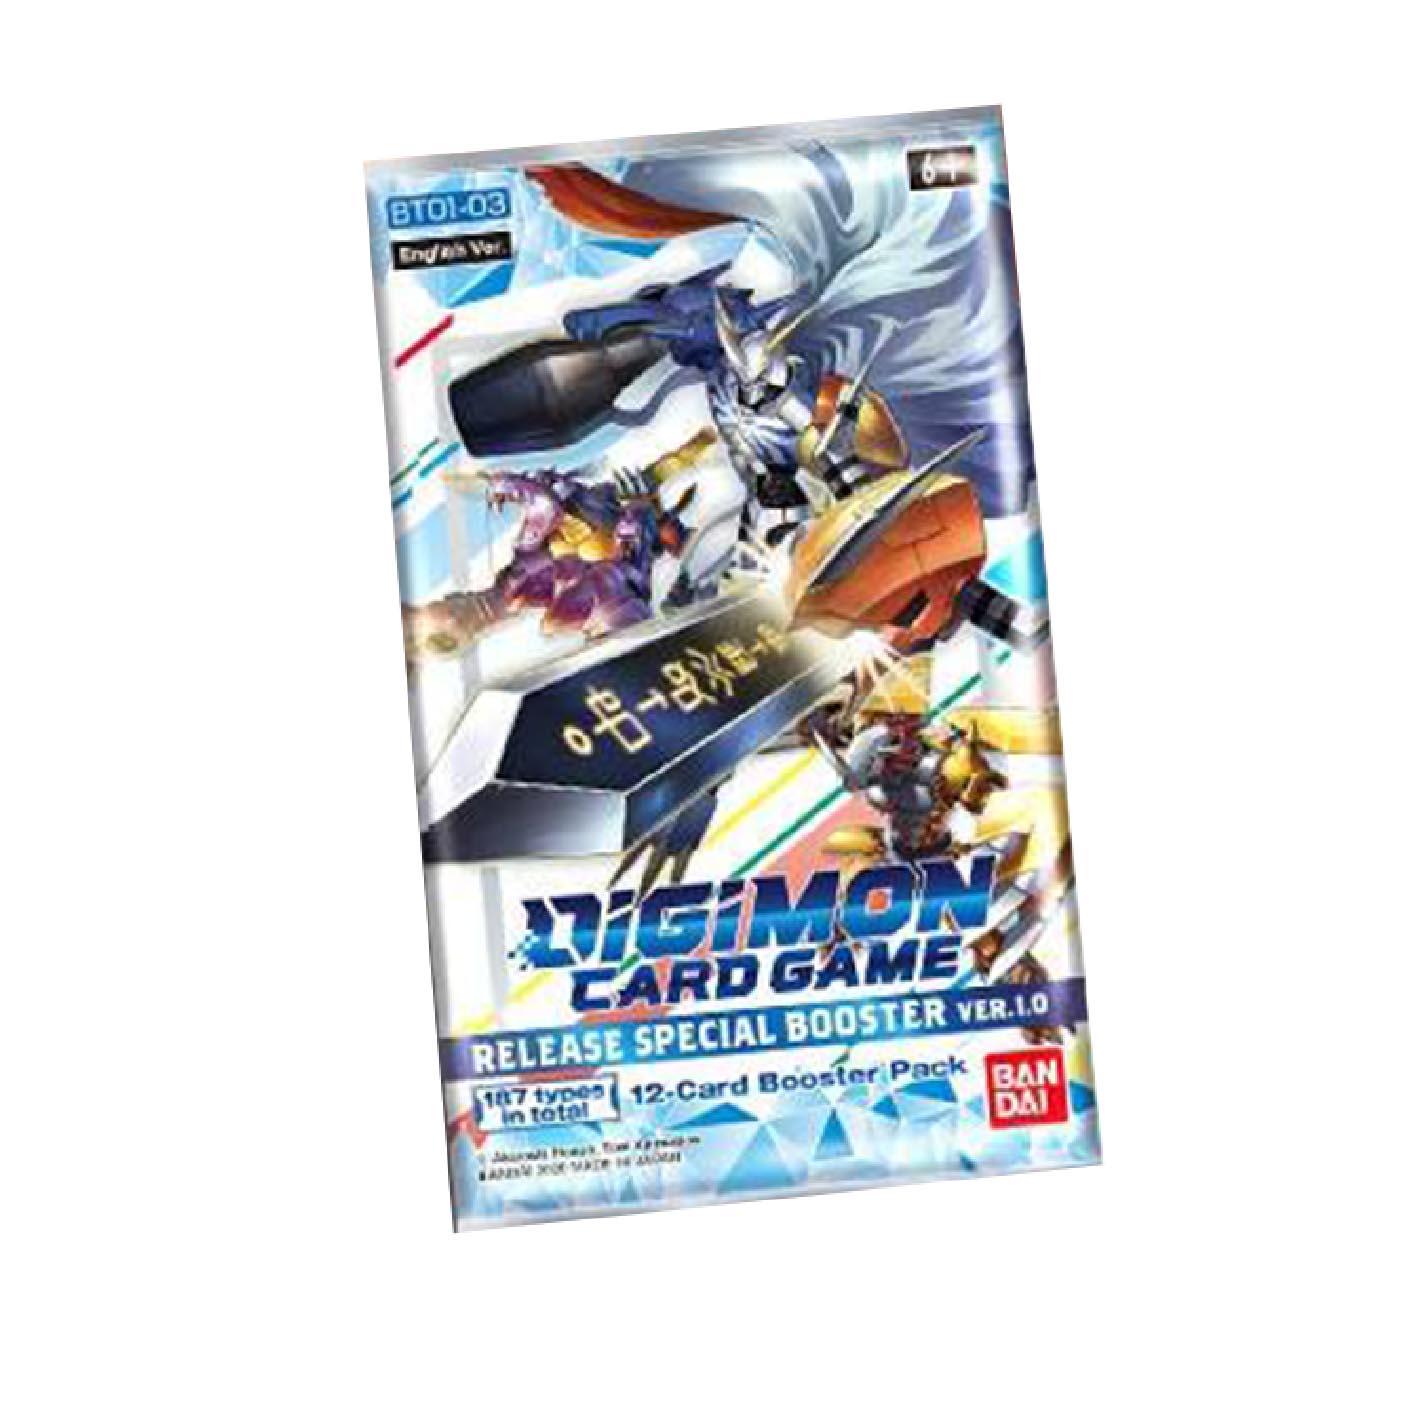 Boite de Digimon Card Game  - booster Special Ver.1.0 2021